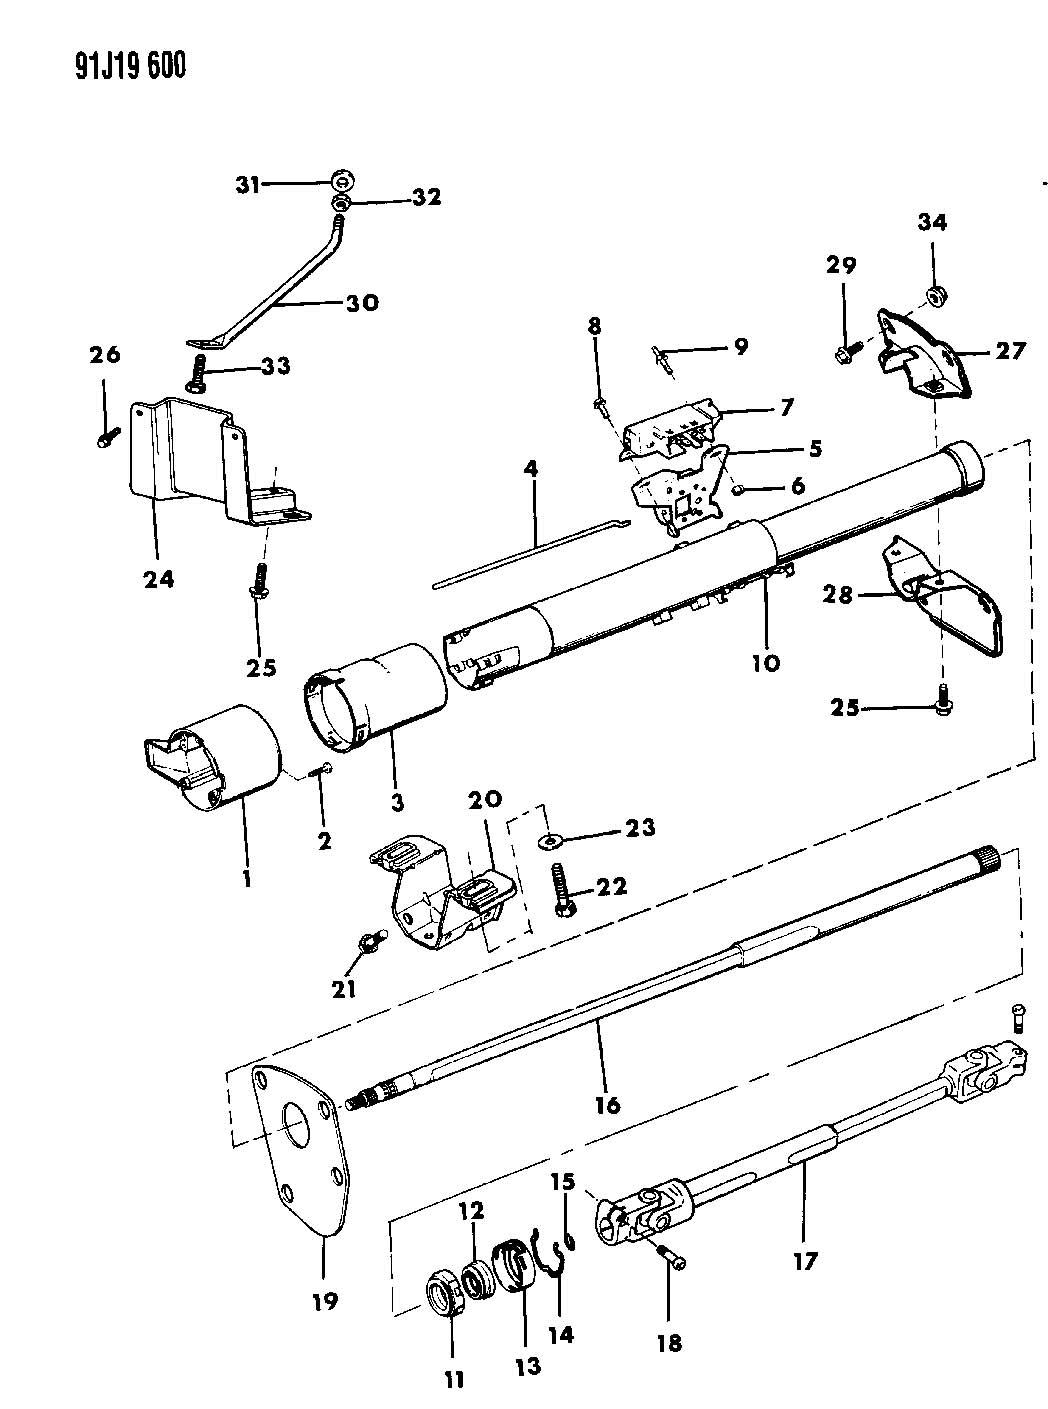 Service manual [1993 Dodge Colt Tilt Steering Column